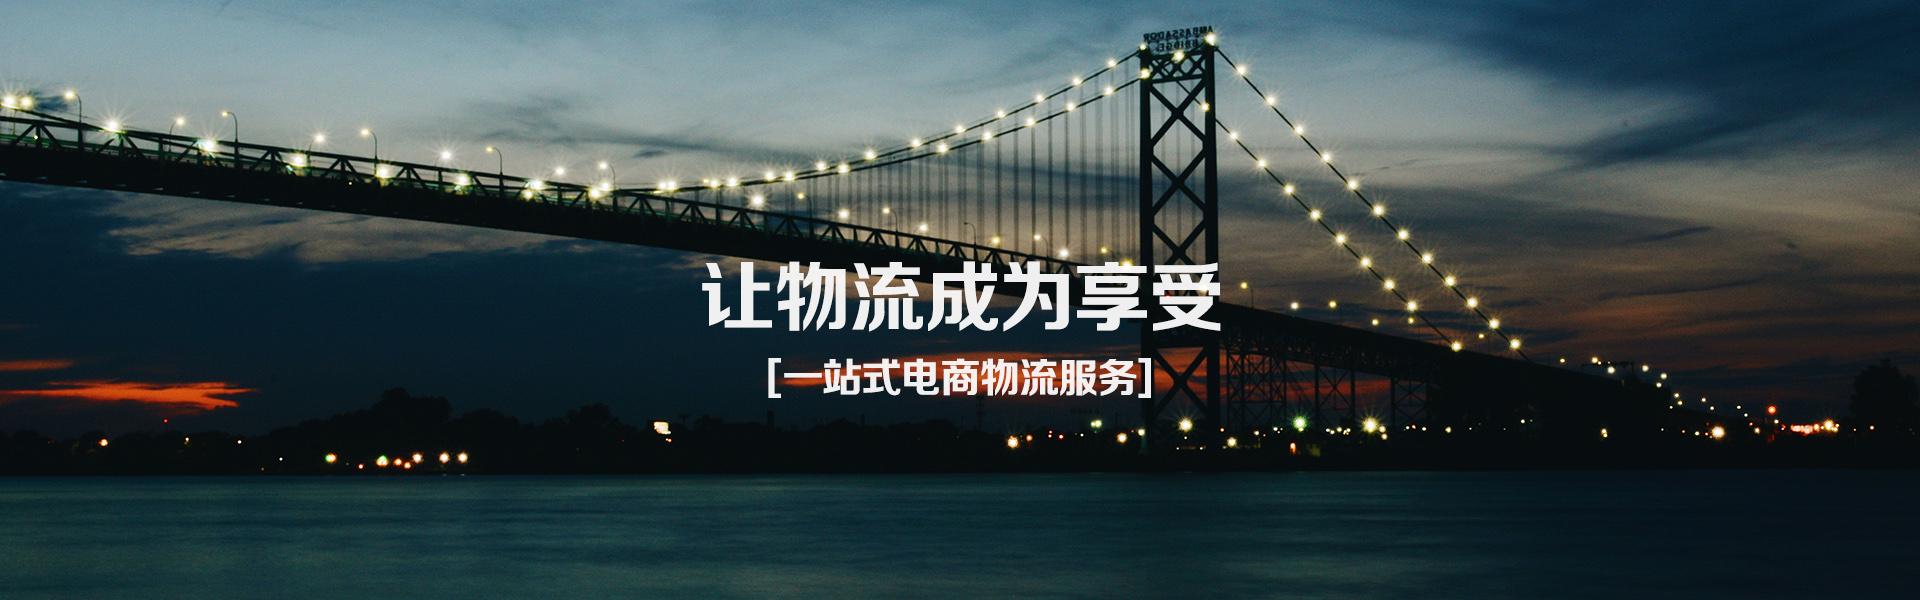 皇家博亿堂abet98官网